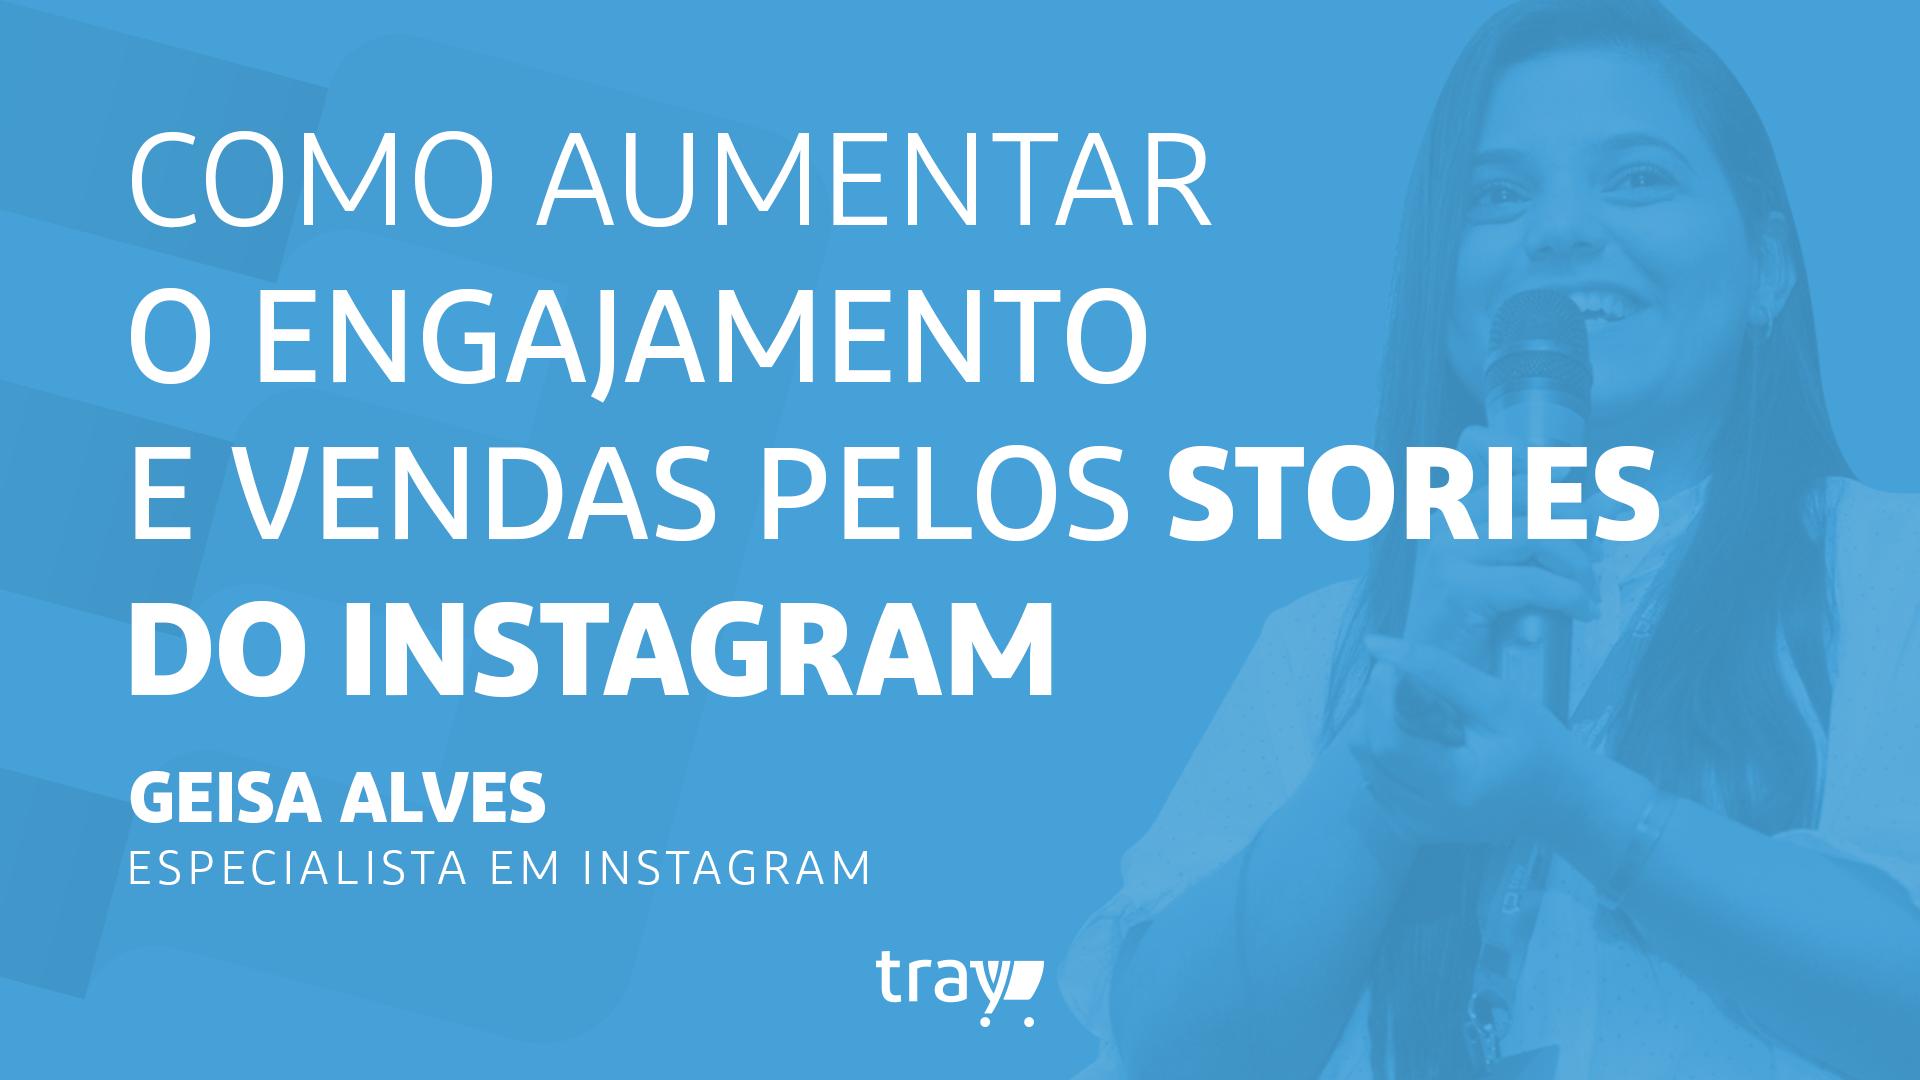 Como Aumentar as Vendas pelo Instagram Stories com Geisa Alves